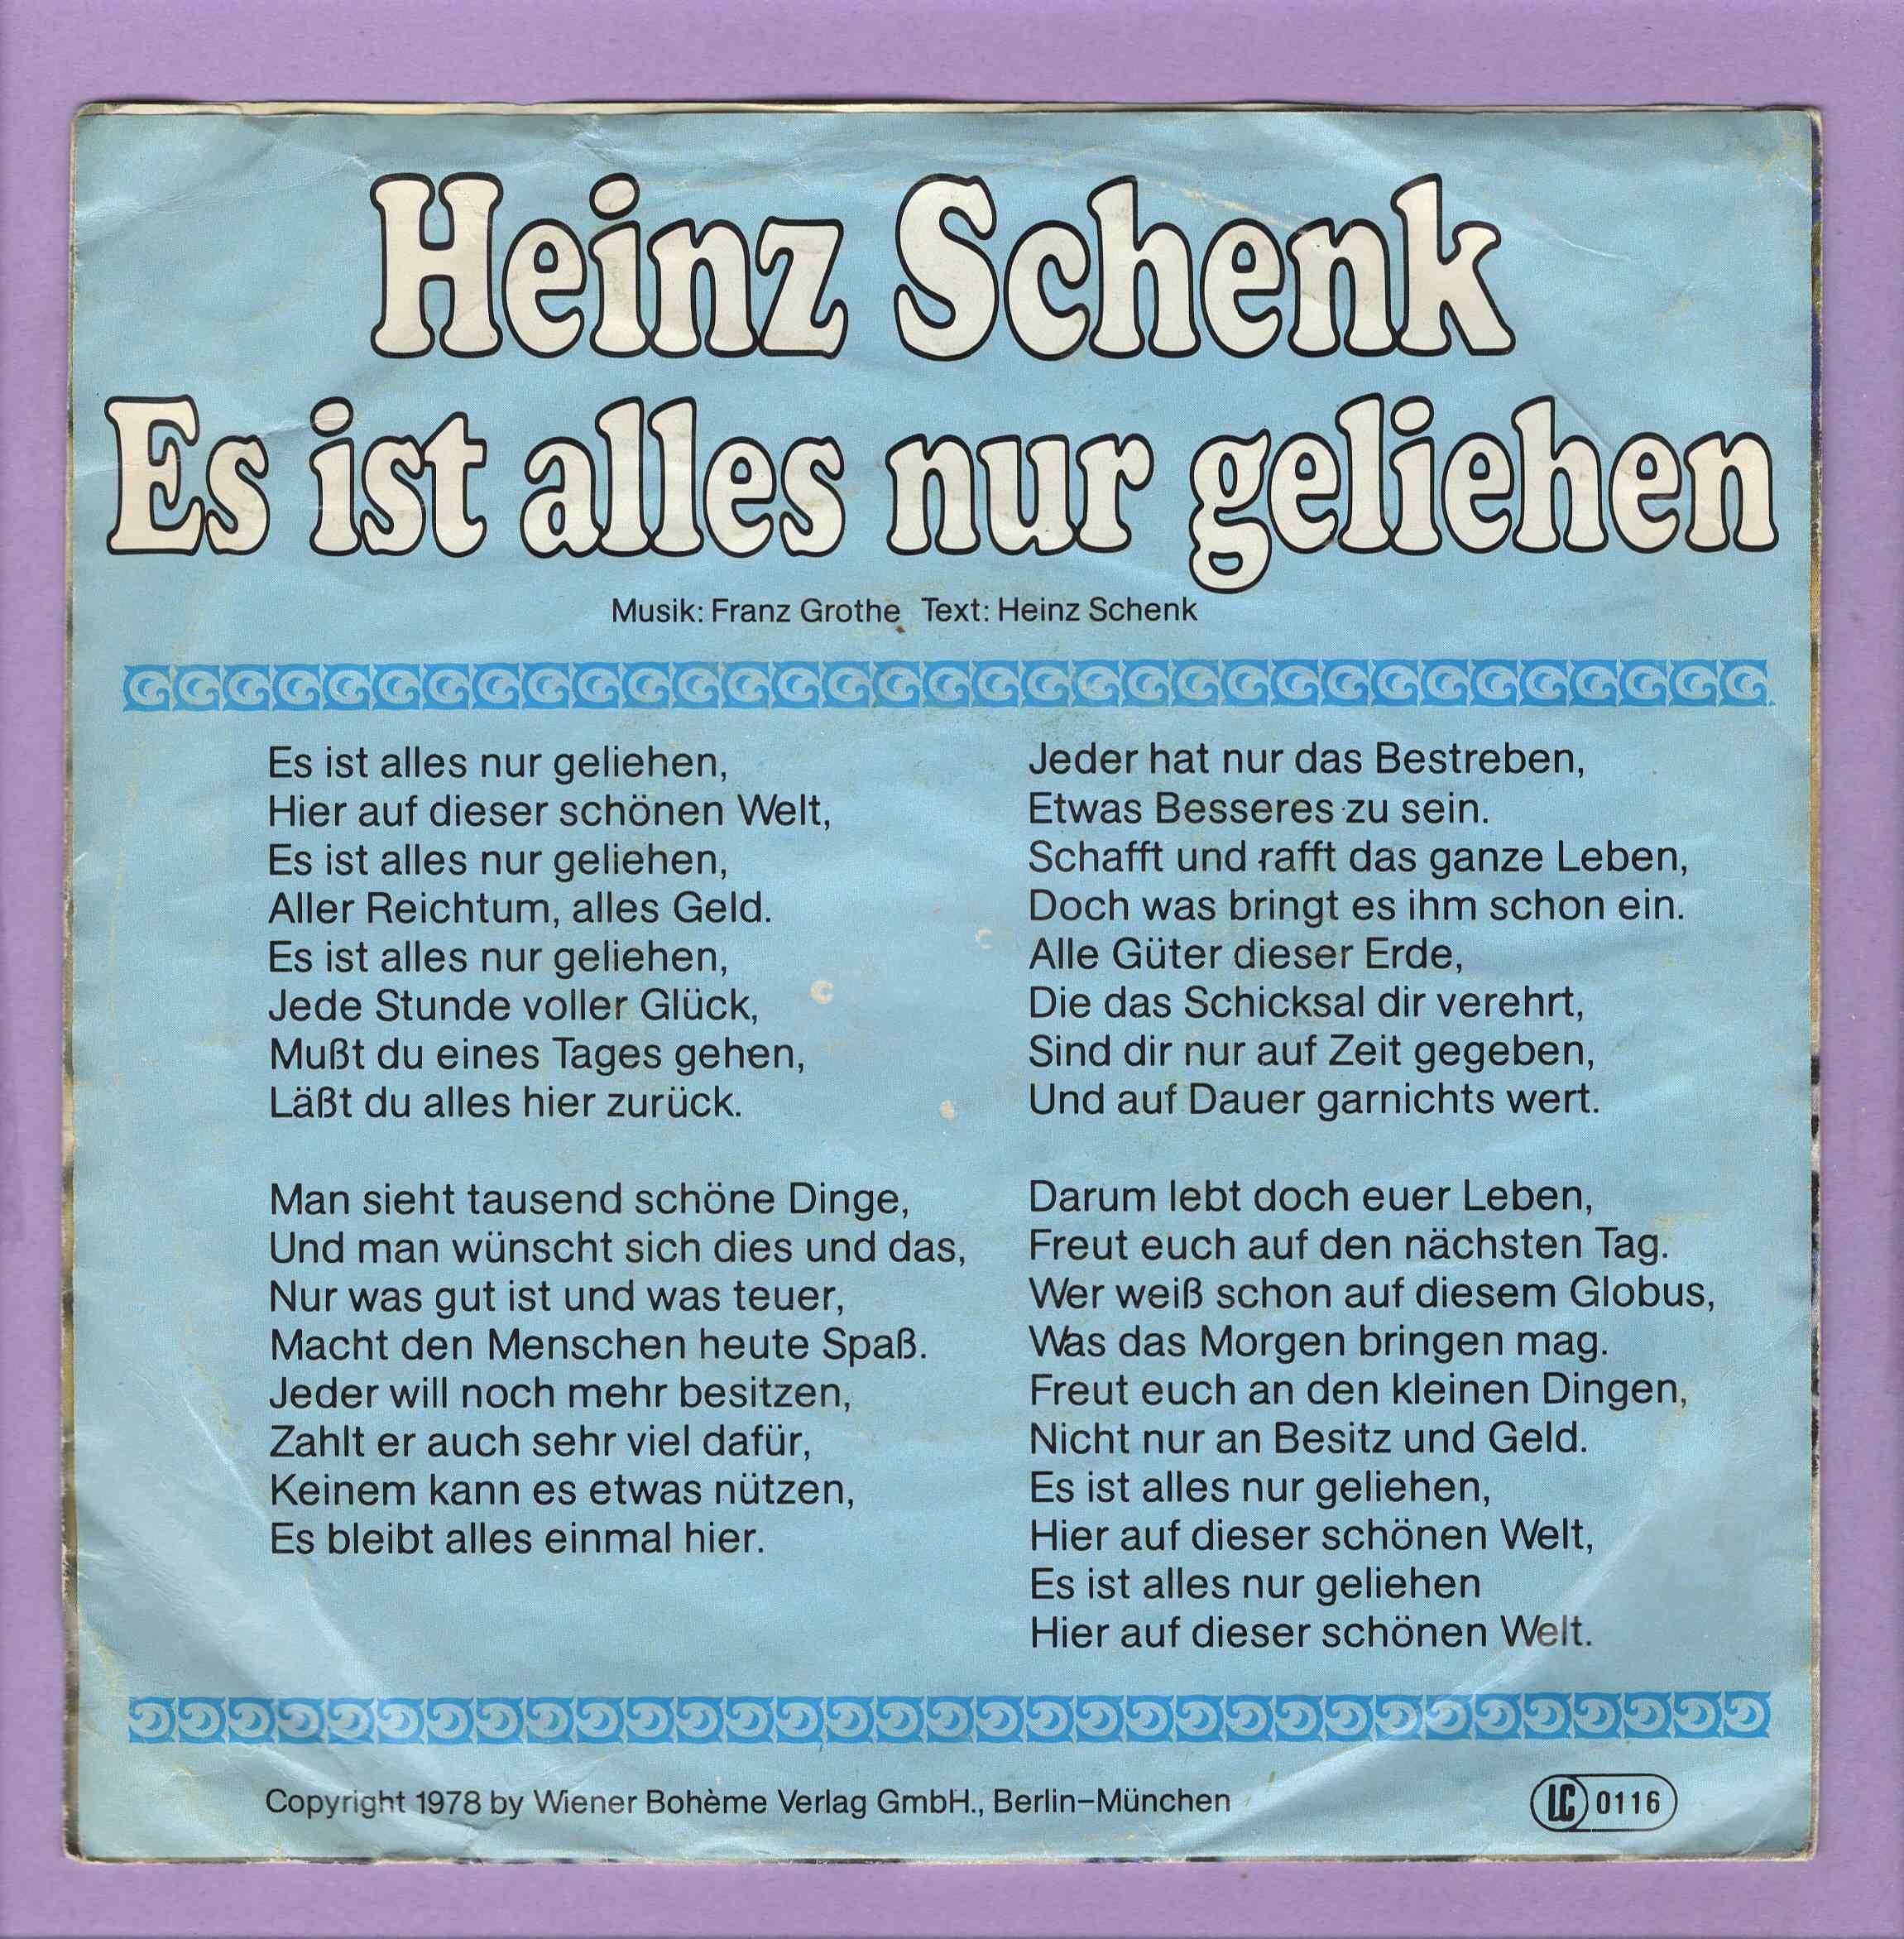 Heinz Schenk - Es Ist Alles Nur Geliehen - Vinyl Hobbyist